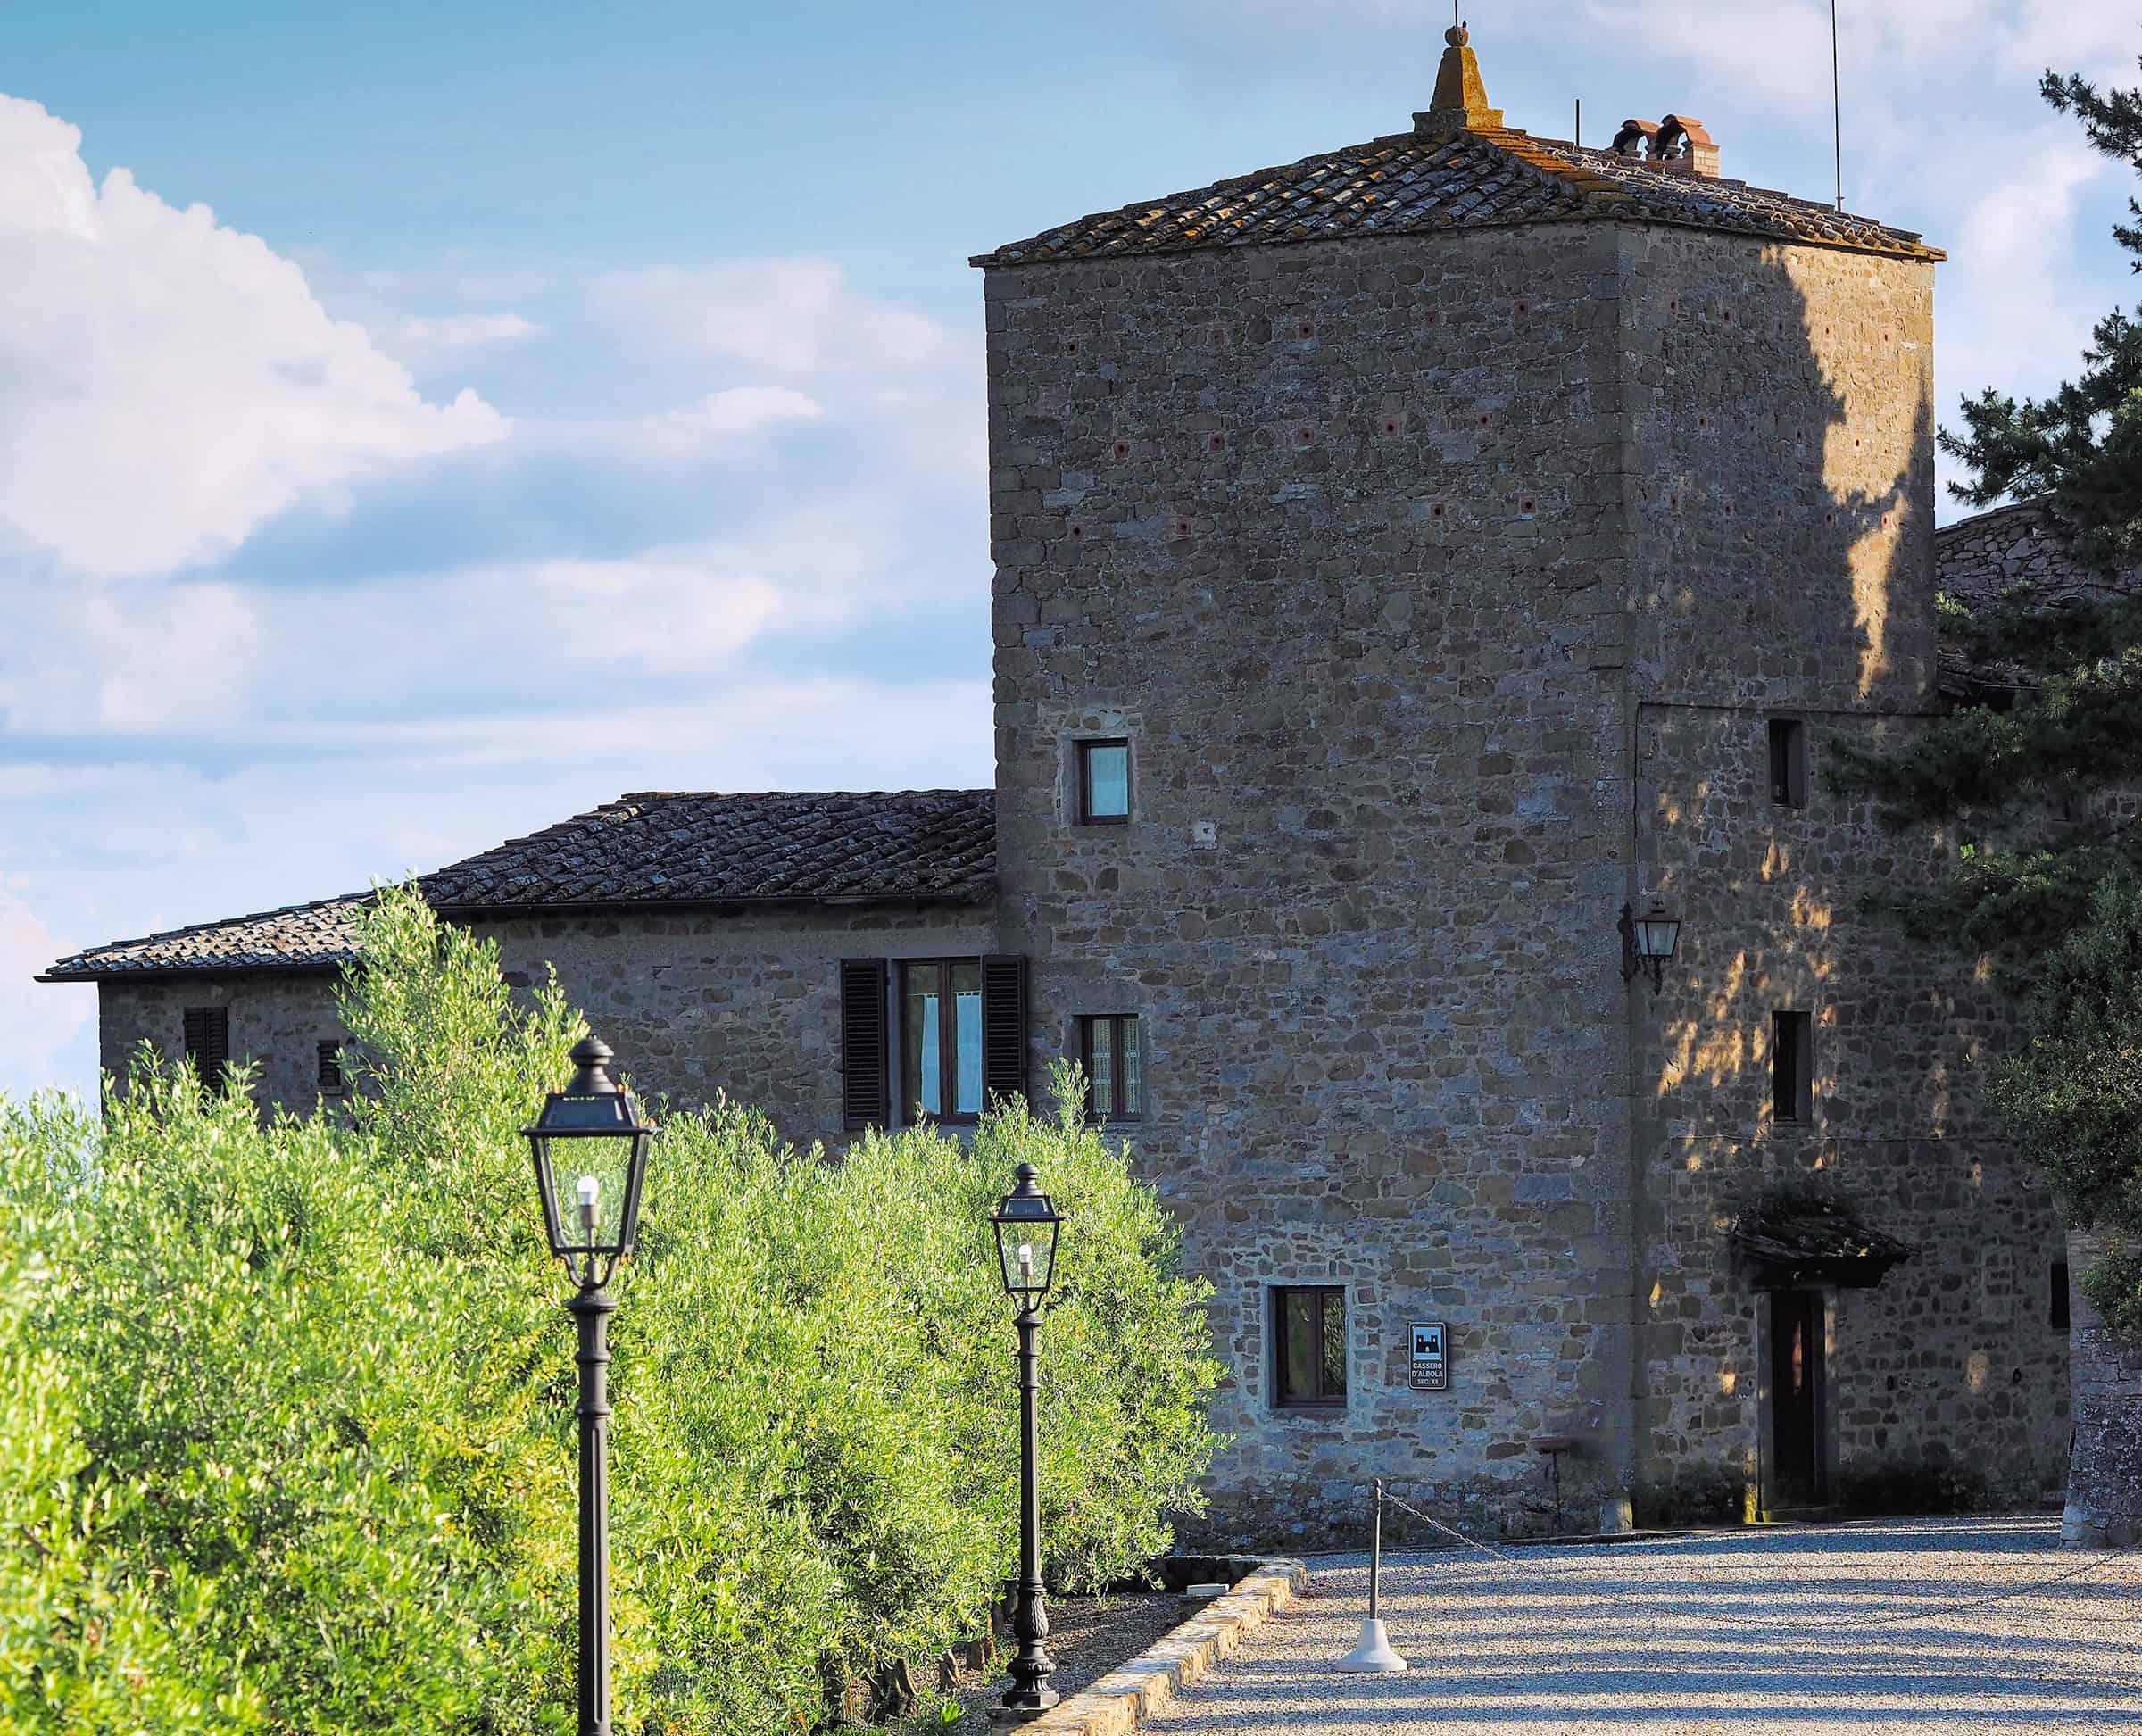 Castello d'Albola in Chianti